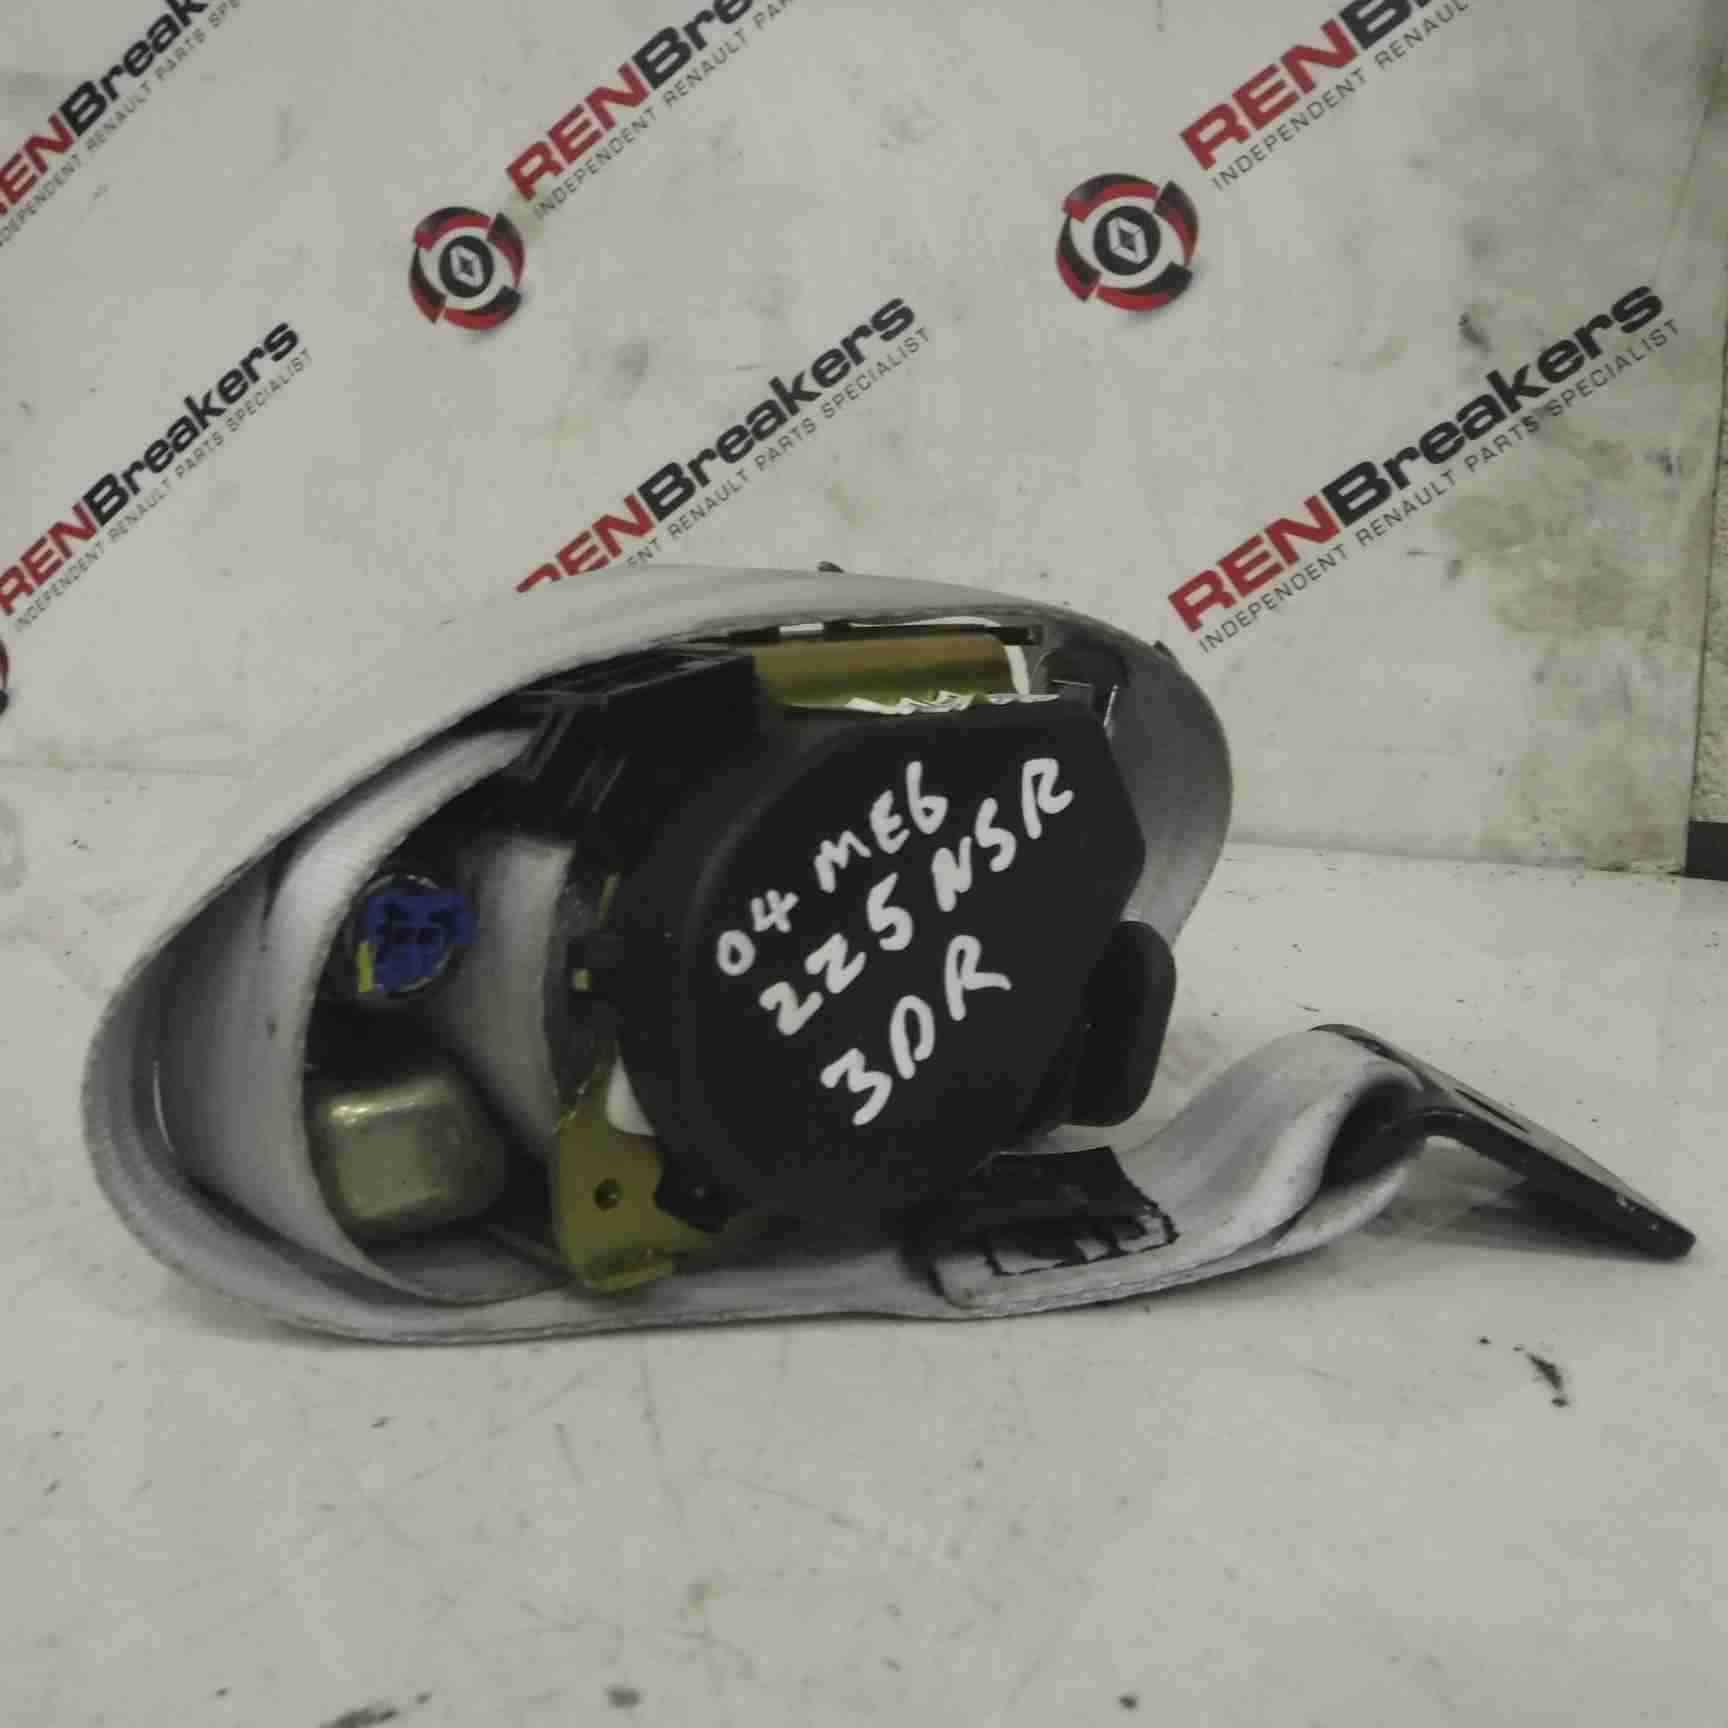 Renault Megane Sport 2002-2008 225 Passenger NSR Rear Seat Belt Pre Tensioner